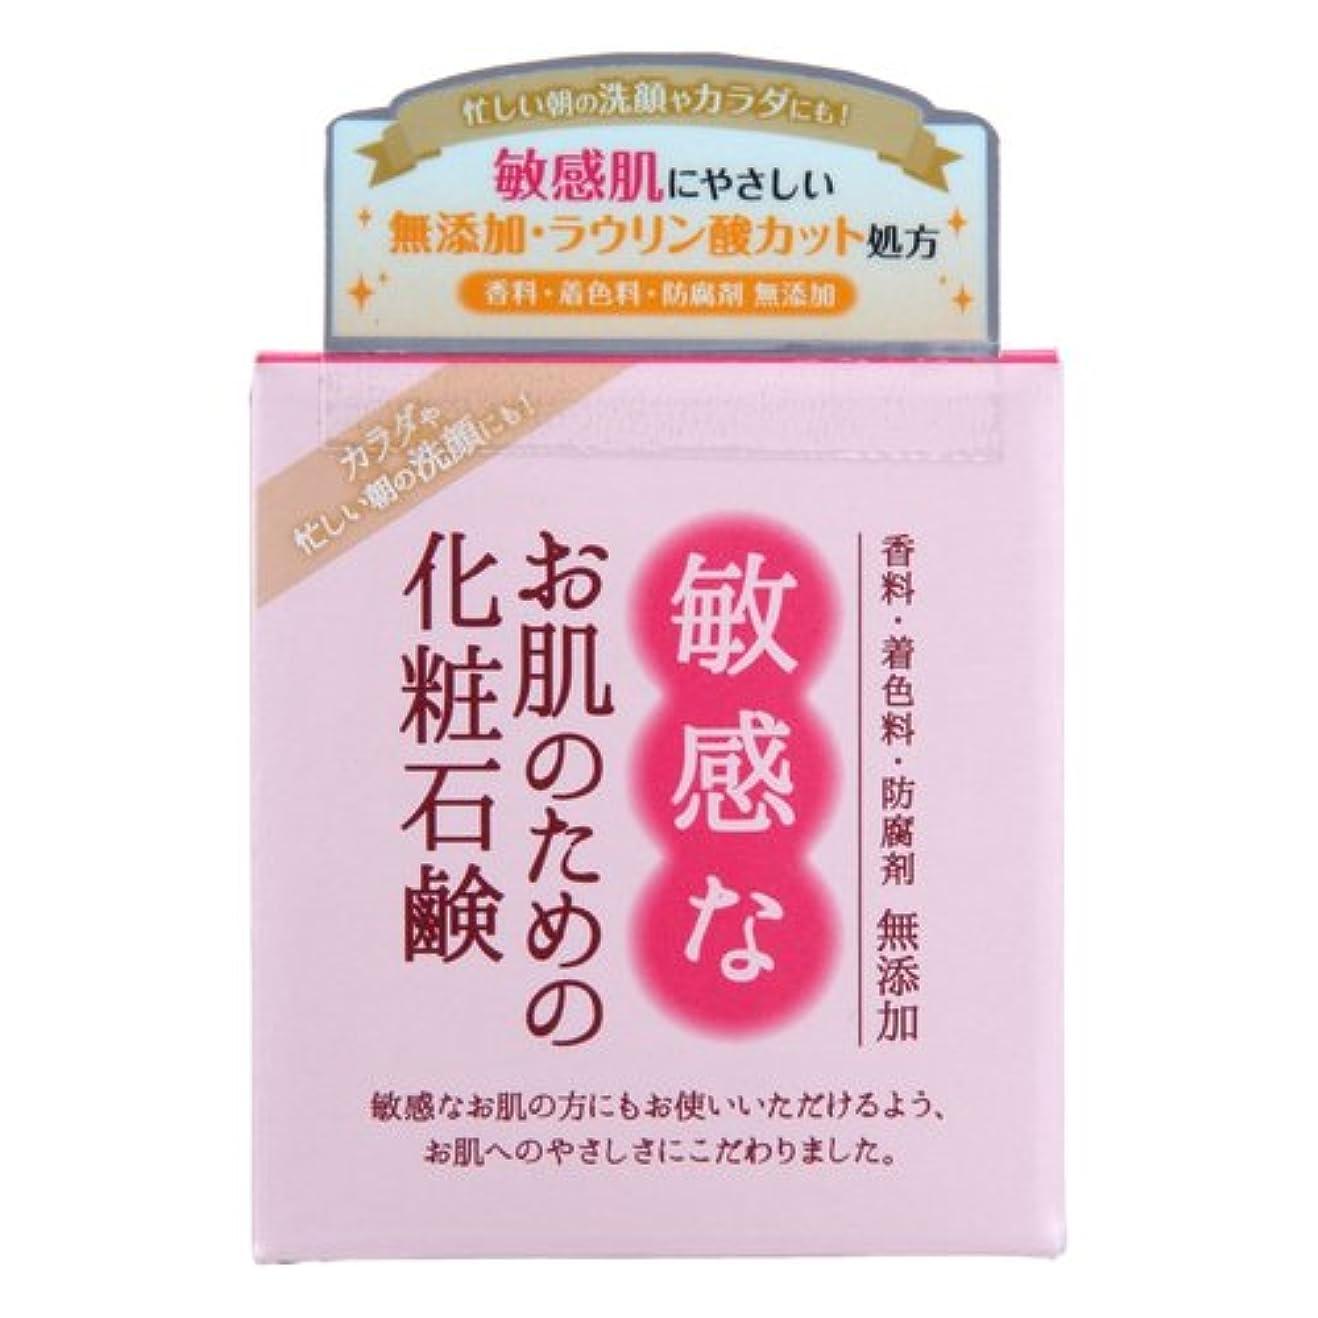 講師リレー勉強する敏感なお肌のための化粧石鹸 100g CBH-S